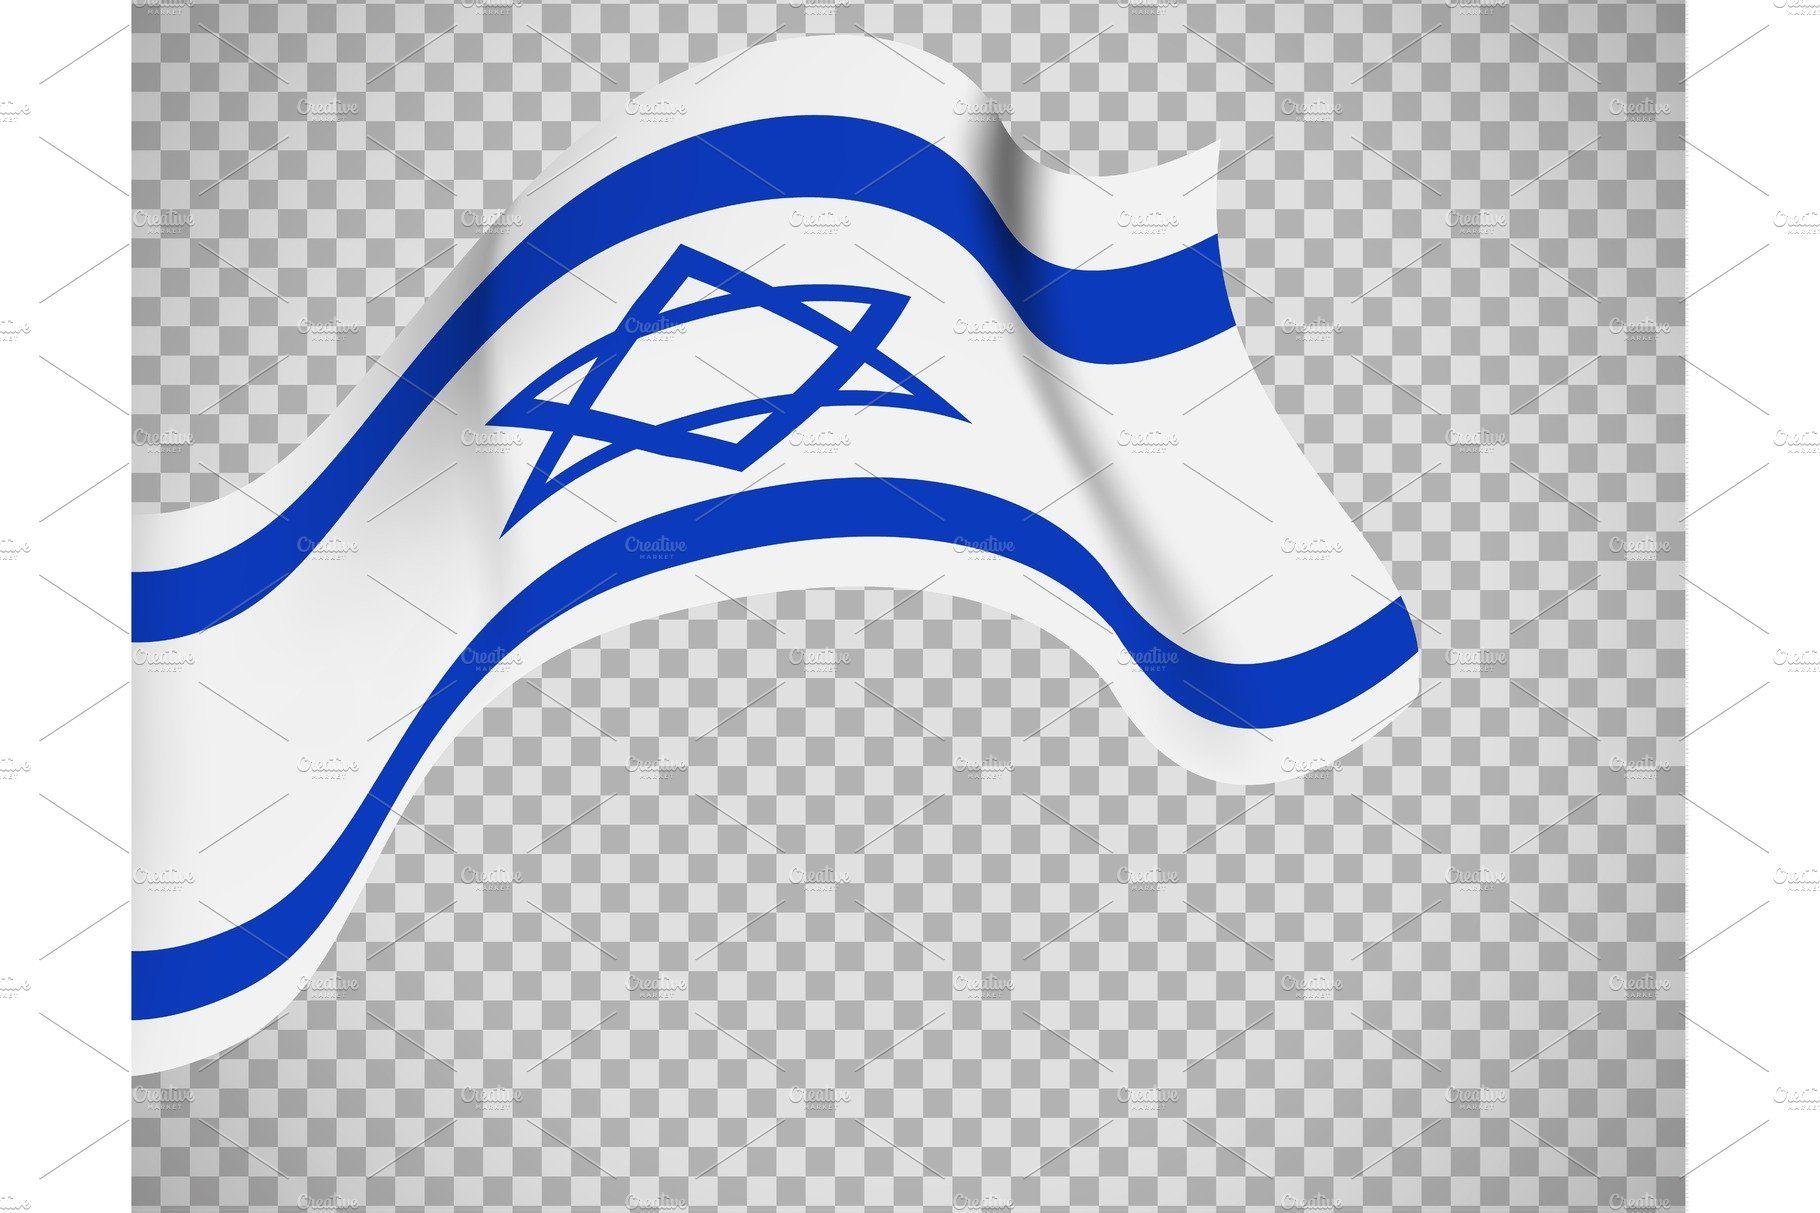 Israel Flag On Transparent Background Transparent Background Israel Flag Transparent